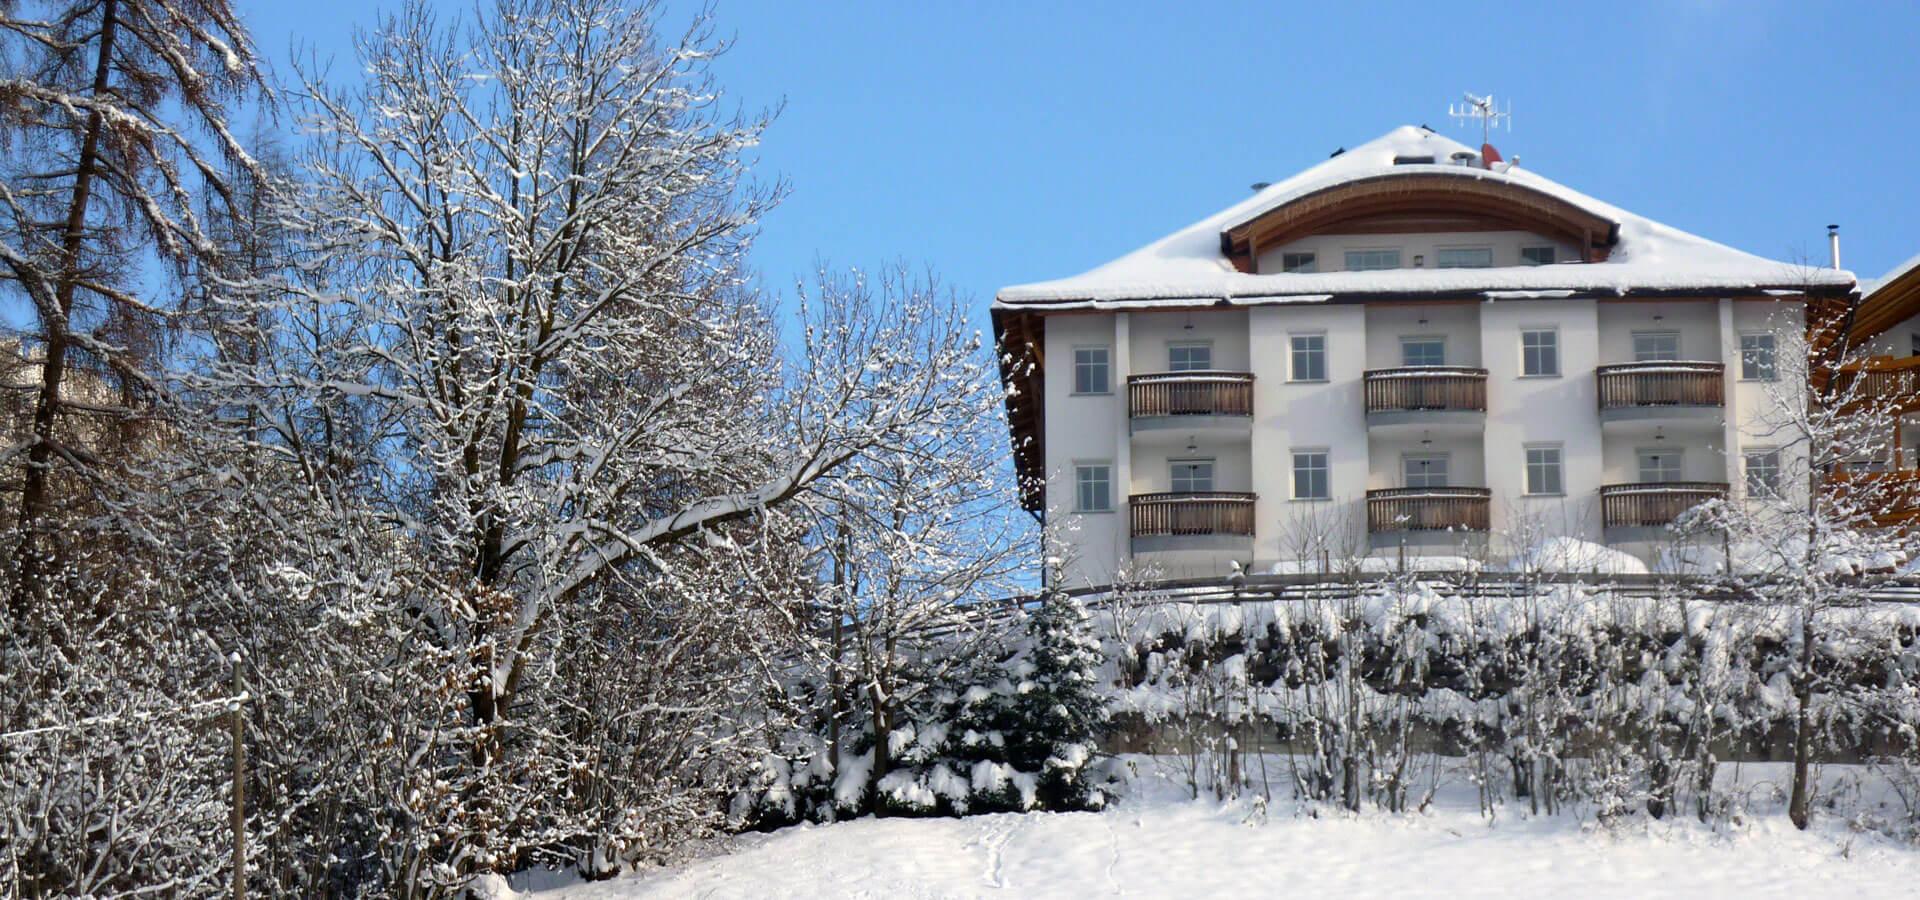 Winterurlaub am Kronplatz - Südtirol